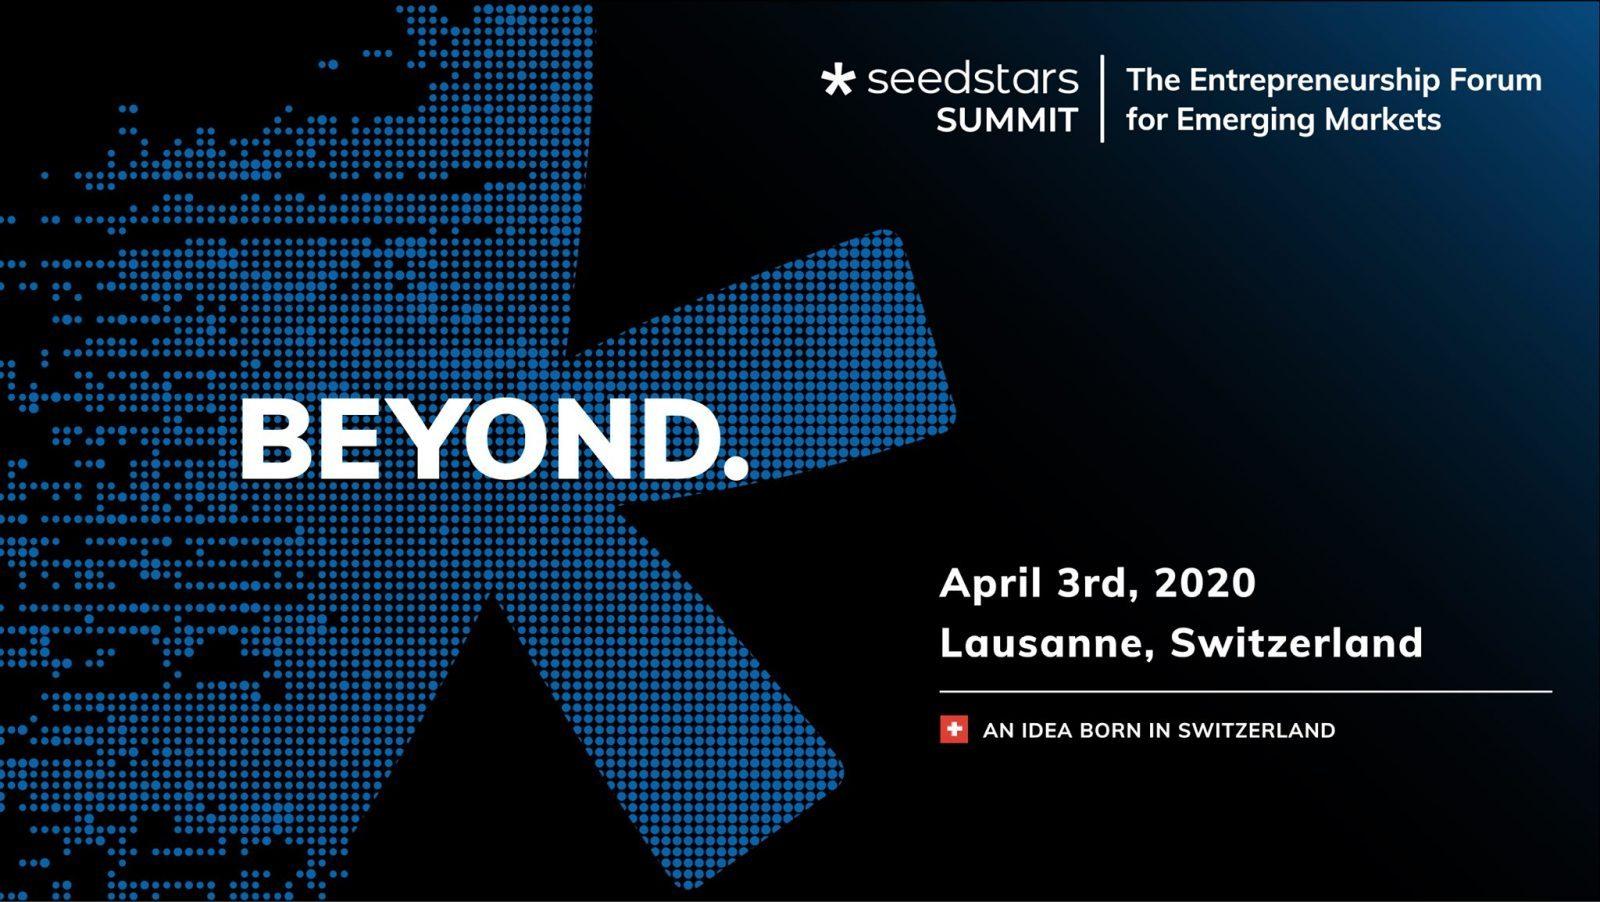 BEYOND SEEDSTARS SUMMIT 7ème EDITION